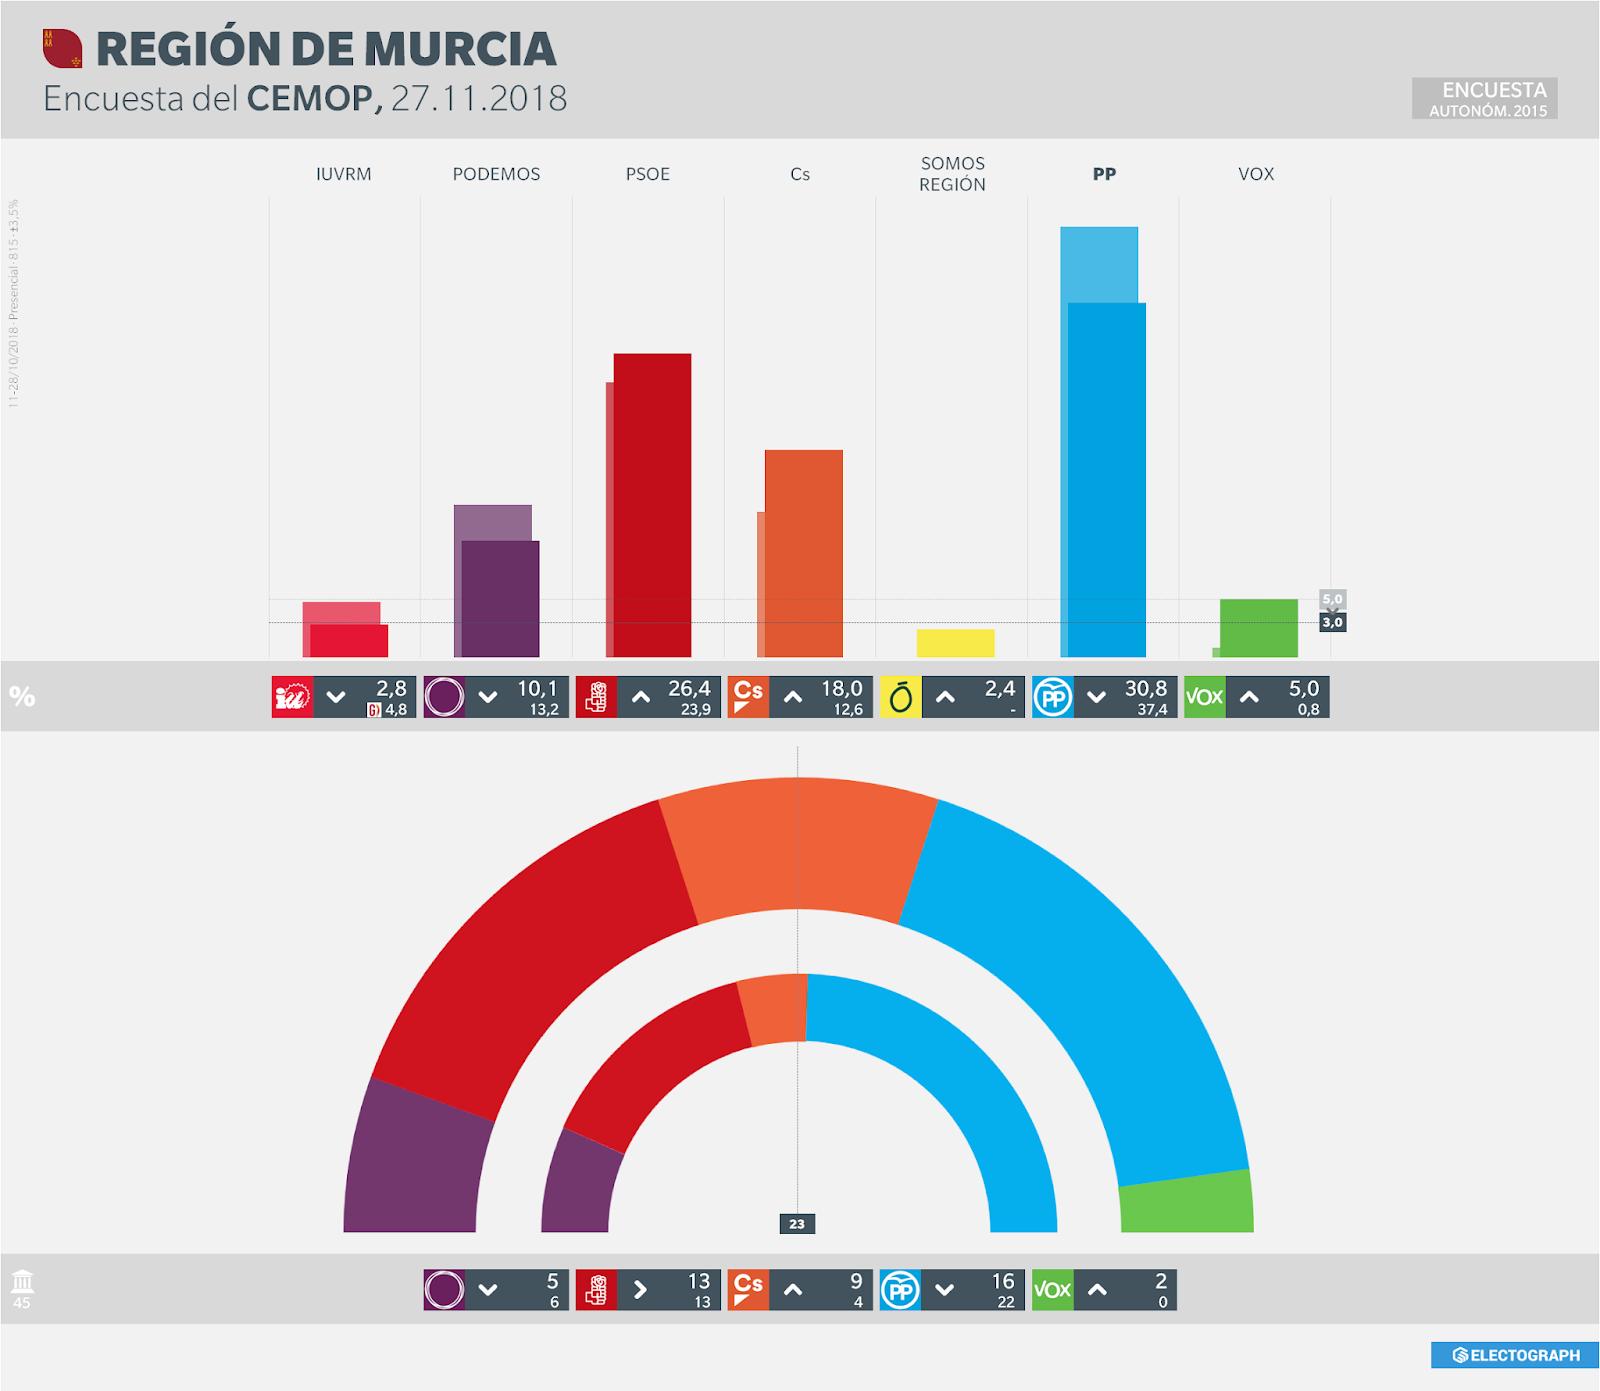 Gráfico de la encuesta para elecciones autonómicas en la Región de Murcia realizada por CEMOP en octubre de 2018